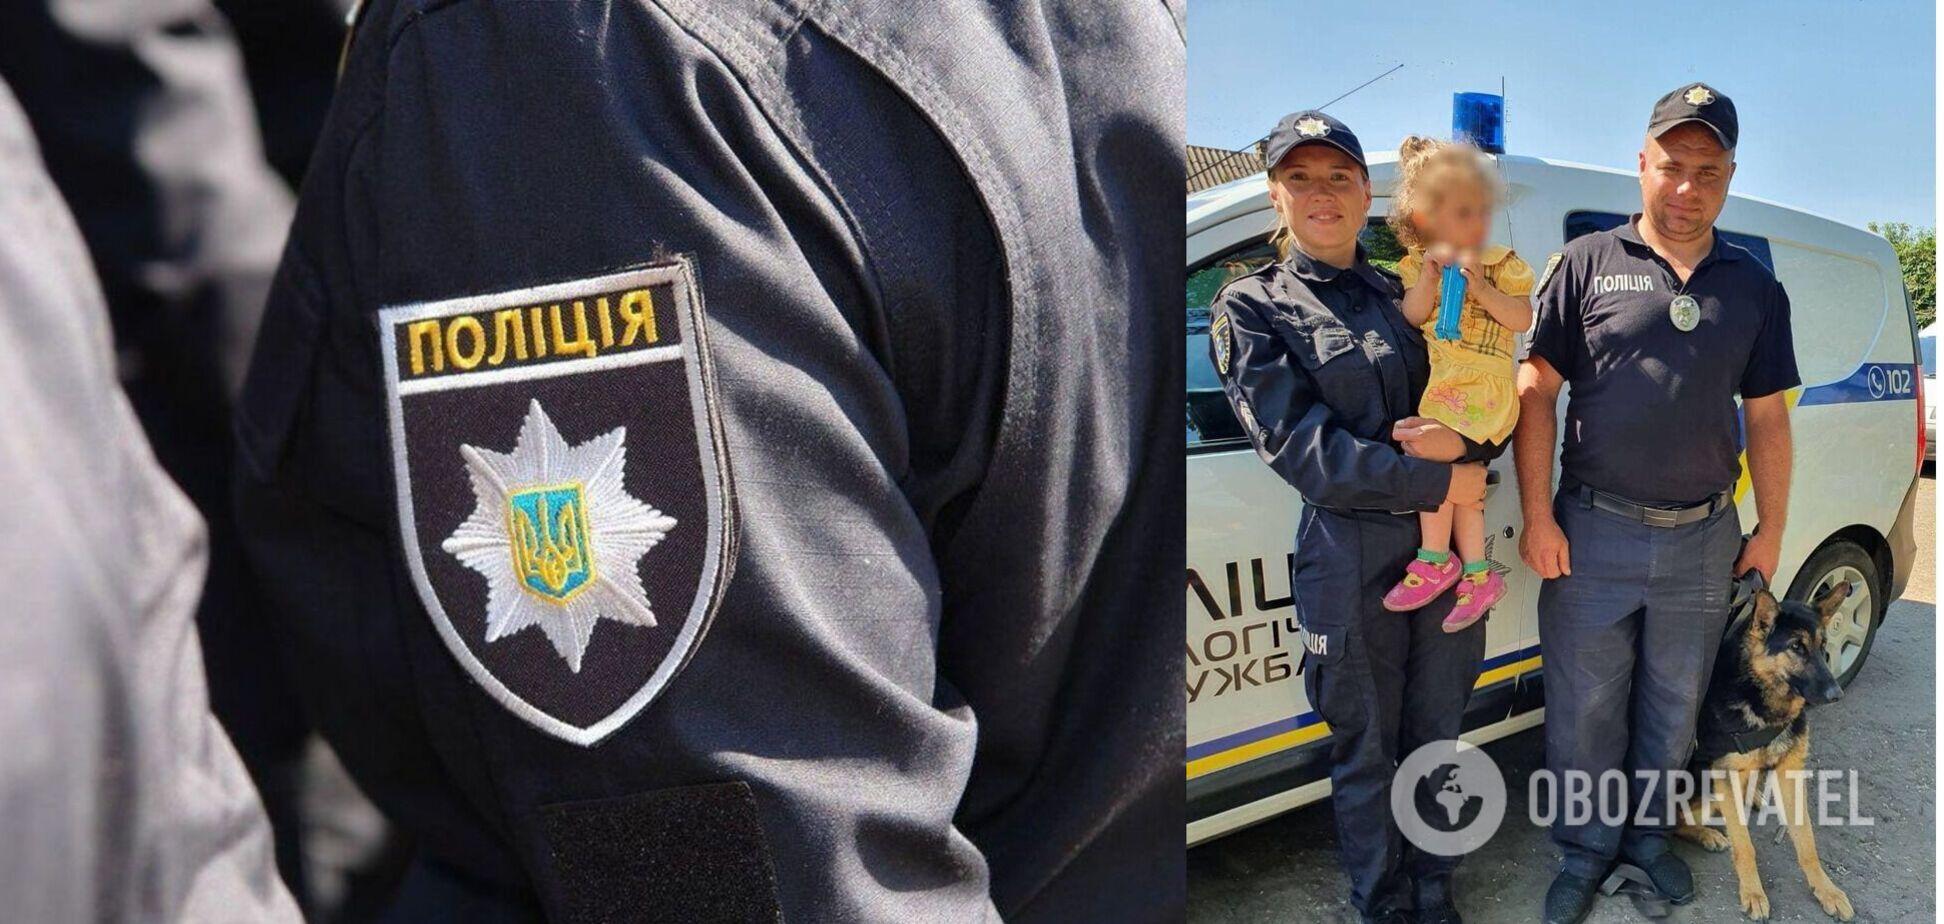 Під Миколаєвом знайшлася 2-річна дівчинка: Нацполіція піднімала на пошуки цілий взвод